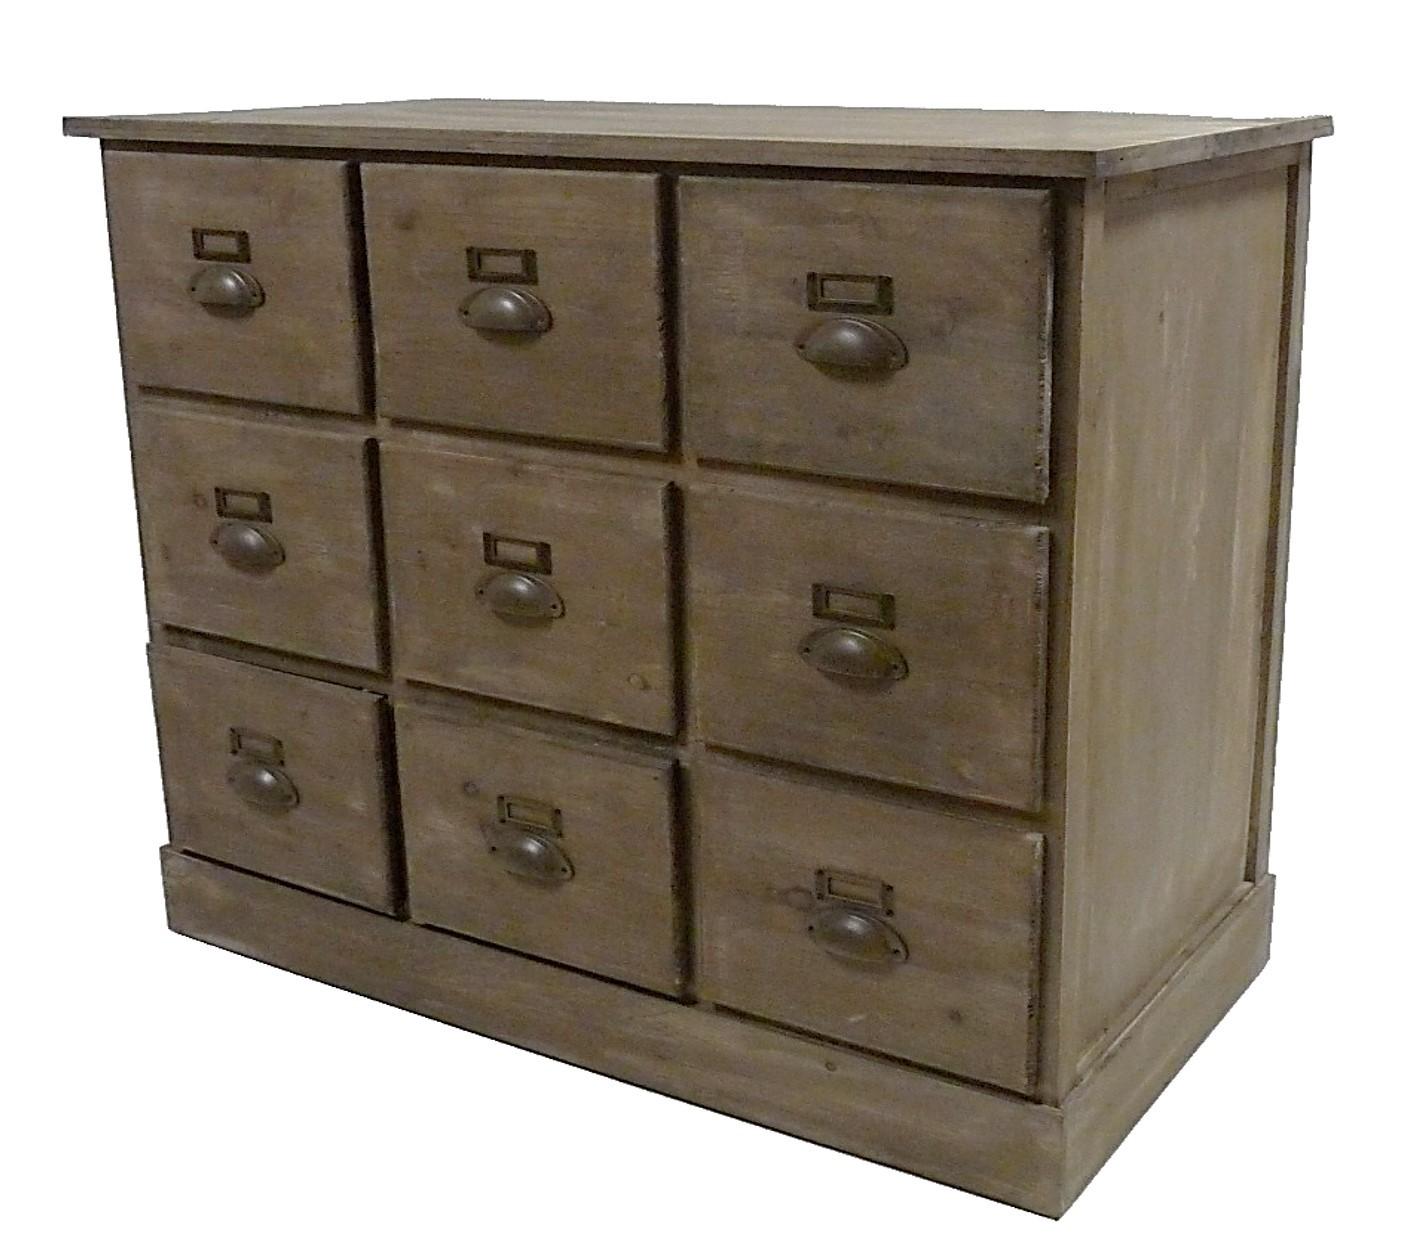 chiffonnier en bois commode 9 tiroirs semainier bahut de rangement grainetier meuble chaussures 45x82x87cm - Semainier Bois Et Ardoises